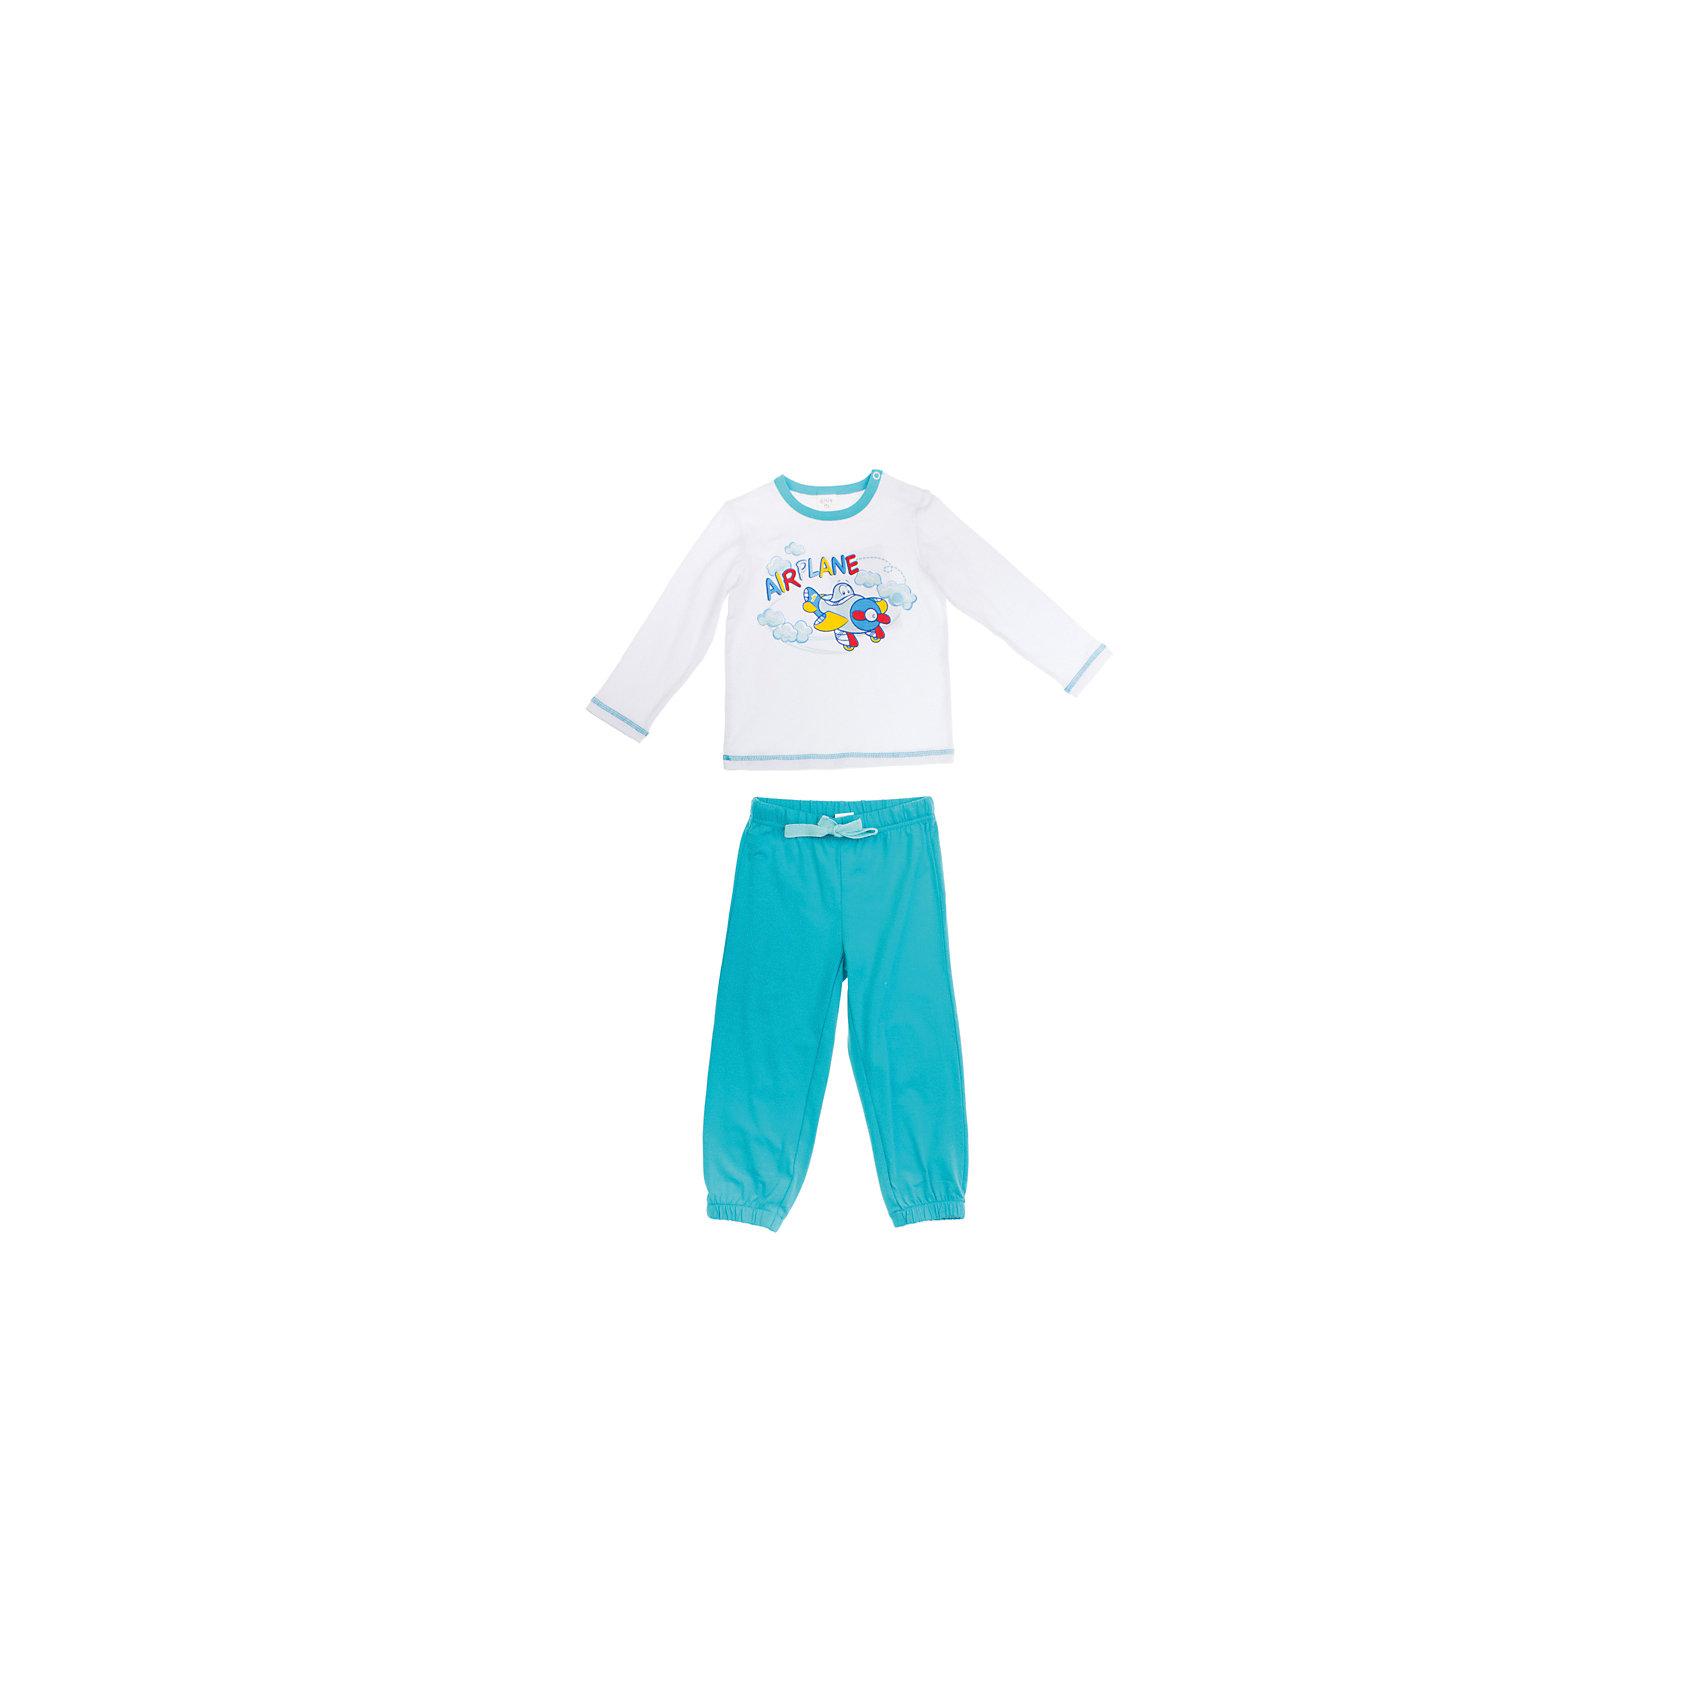 Комплект: футболка и штаны для мальчика PlayTodayКомплект для мальчика от известного бренда PlayToday<br>Комплект из футболки с длинными рукавами и спортивных брюк. Футболка украшена водным принтом с самолетом. Застегивается на кнопки на плече. Пояс и низ штанишек на мягкой резинке,<br>есть регулирующий шнурок.<br>Состав:<br>95% хлопок, 5% эластан<br><br>Ширина мм: 247<br>Глубина мм: 16<br>Высота мм: 140<br>Вес г: 225<br>Цвет: голубой<br>Возраст от месяцев: 6<br>Возраст до месяцев: 9<br>Пол: Мужской<br>Возраст: Детский<br>Размер: 74,92,80,86<br>SKU: 4789835